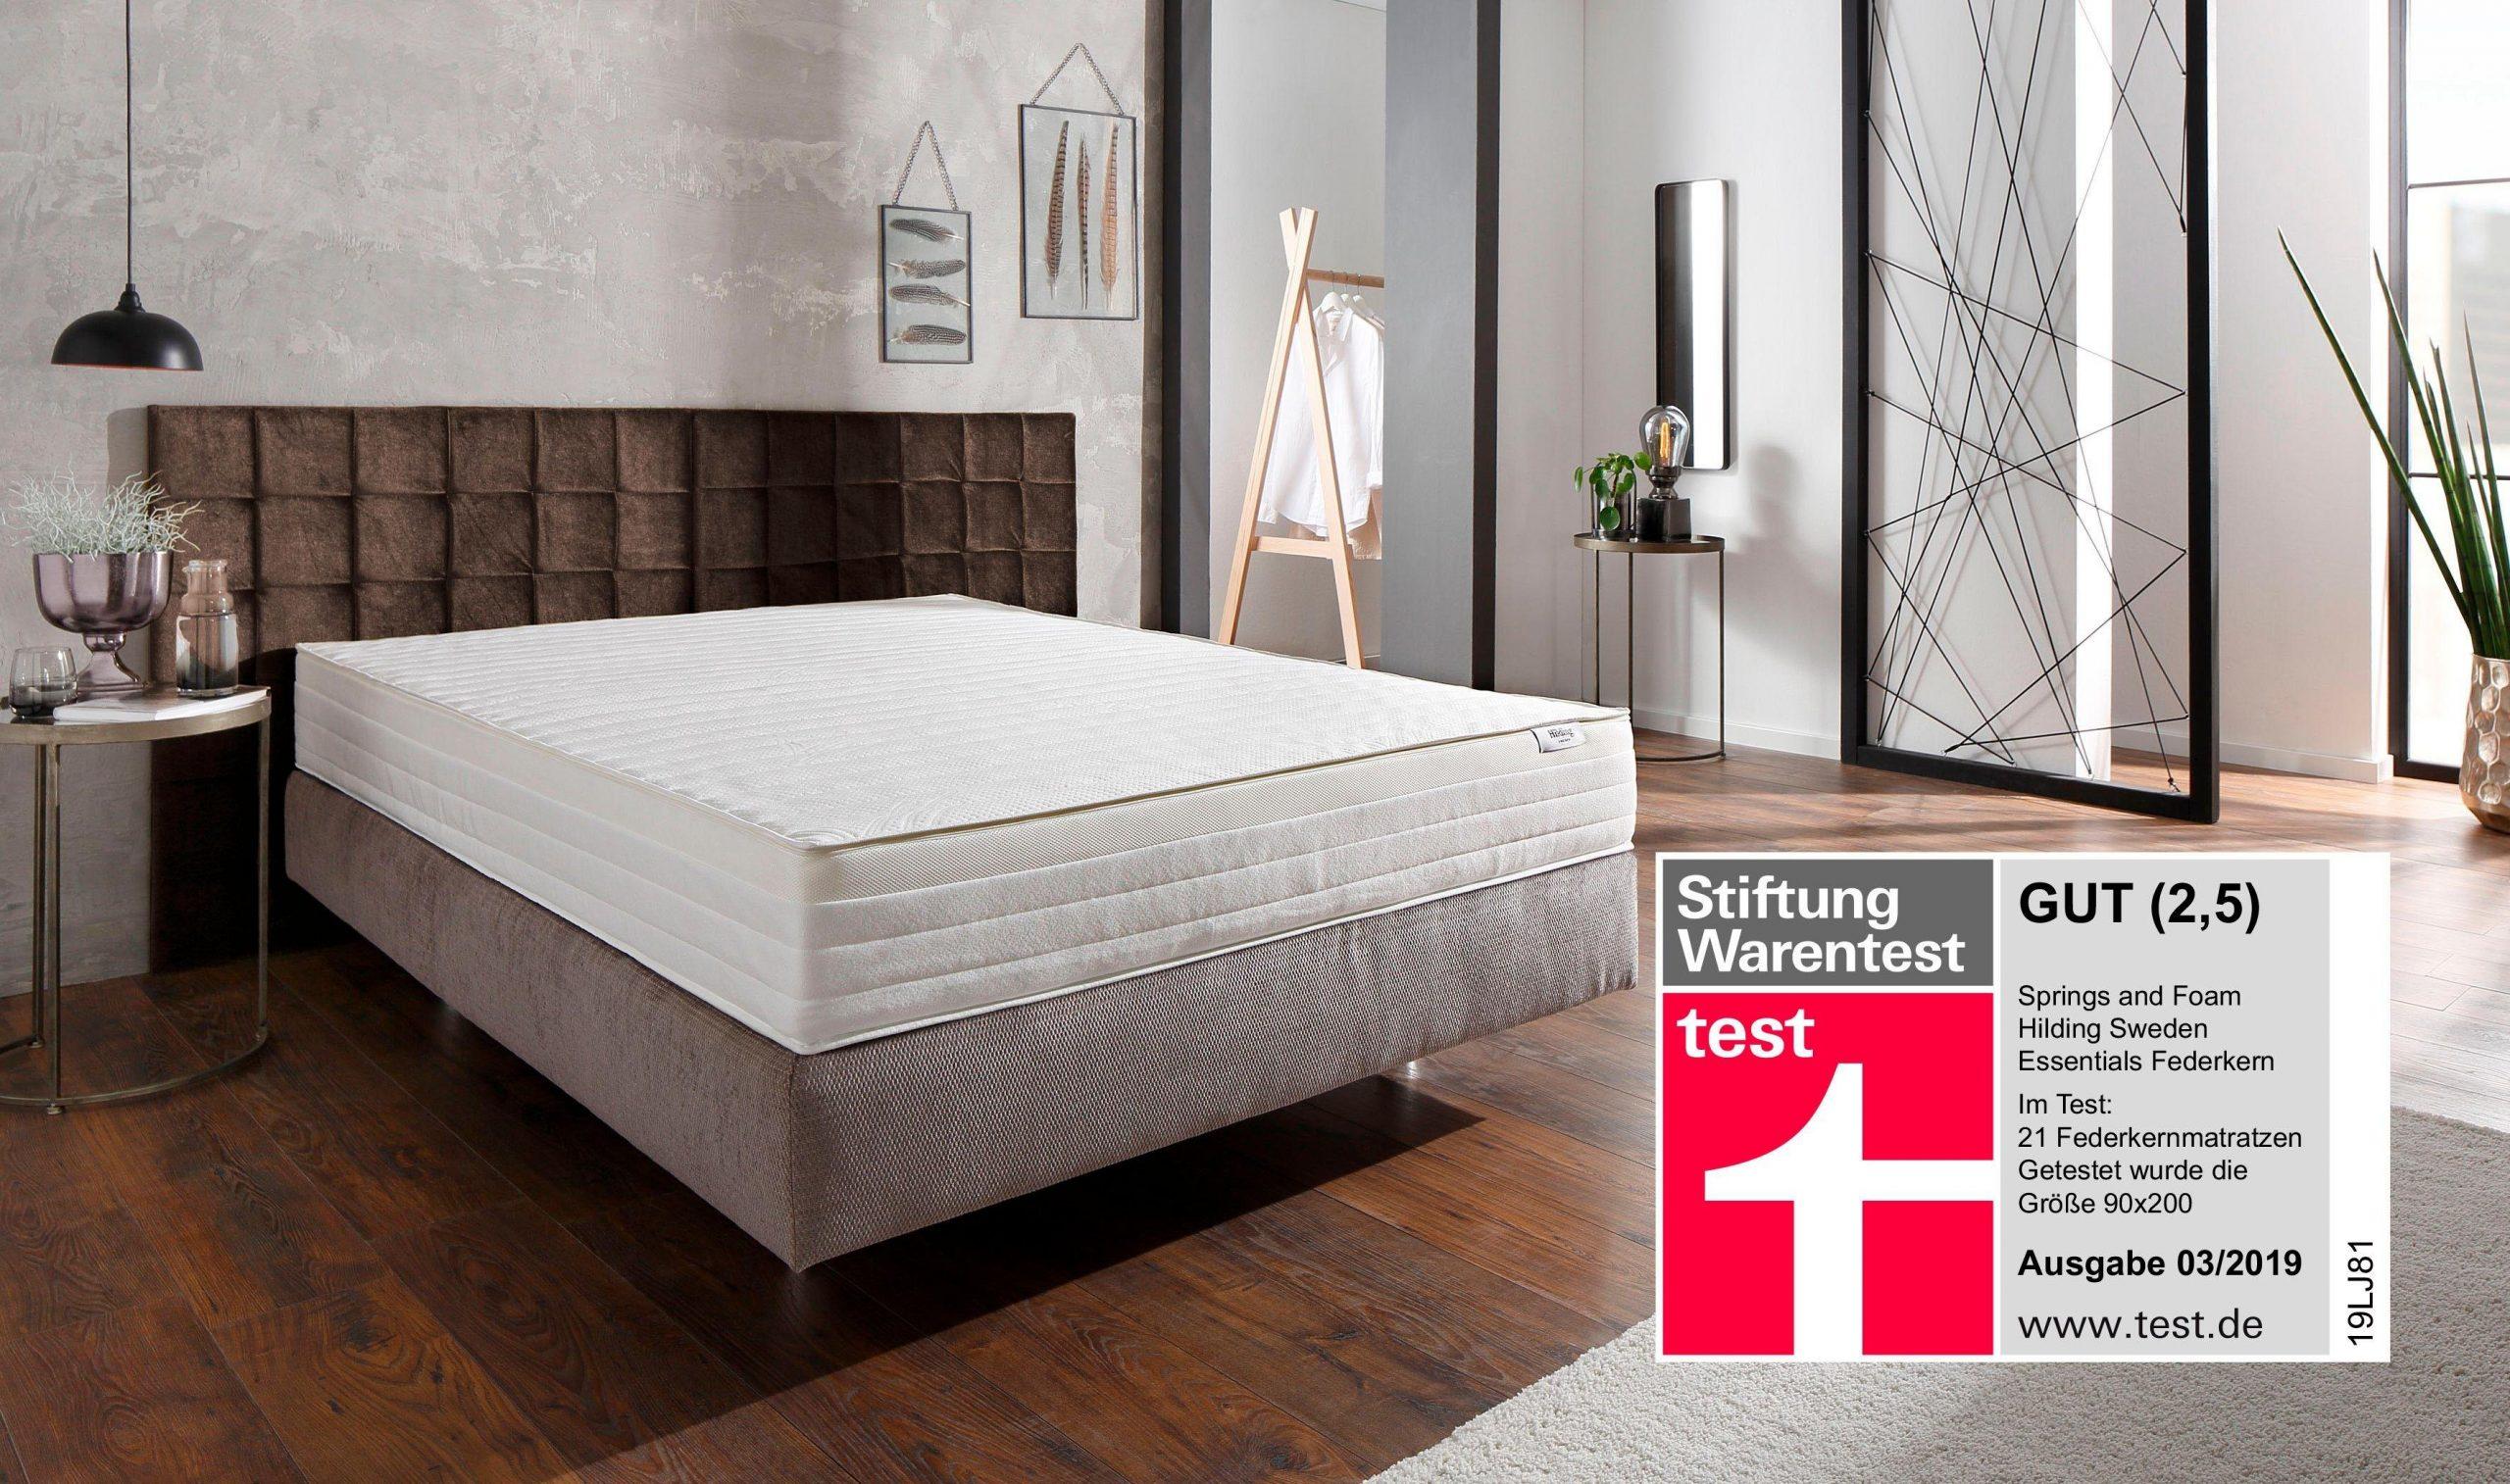 Full Size of Bett 90 190 Wei Preisvergleich Besten Angebote Online Kaufen 2x2m 140x200 Konfigurieren Rausfallschutz Selber Zusammenstellen Paradies Betten Luxus Bestes Bett Bett 90x190